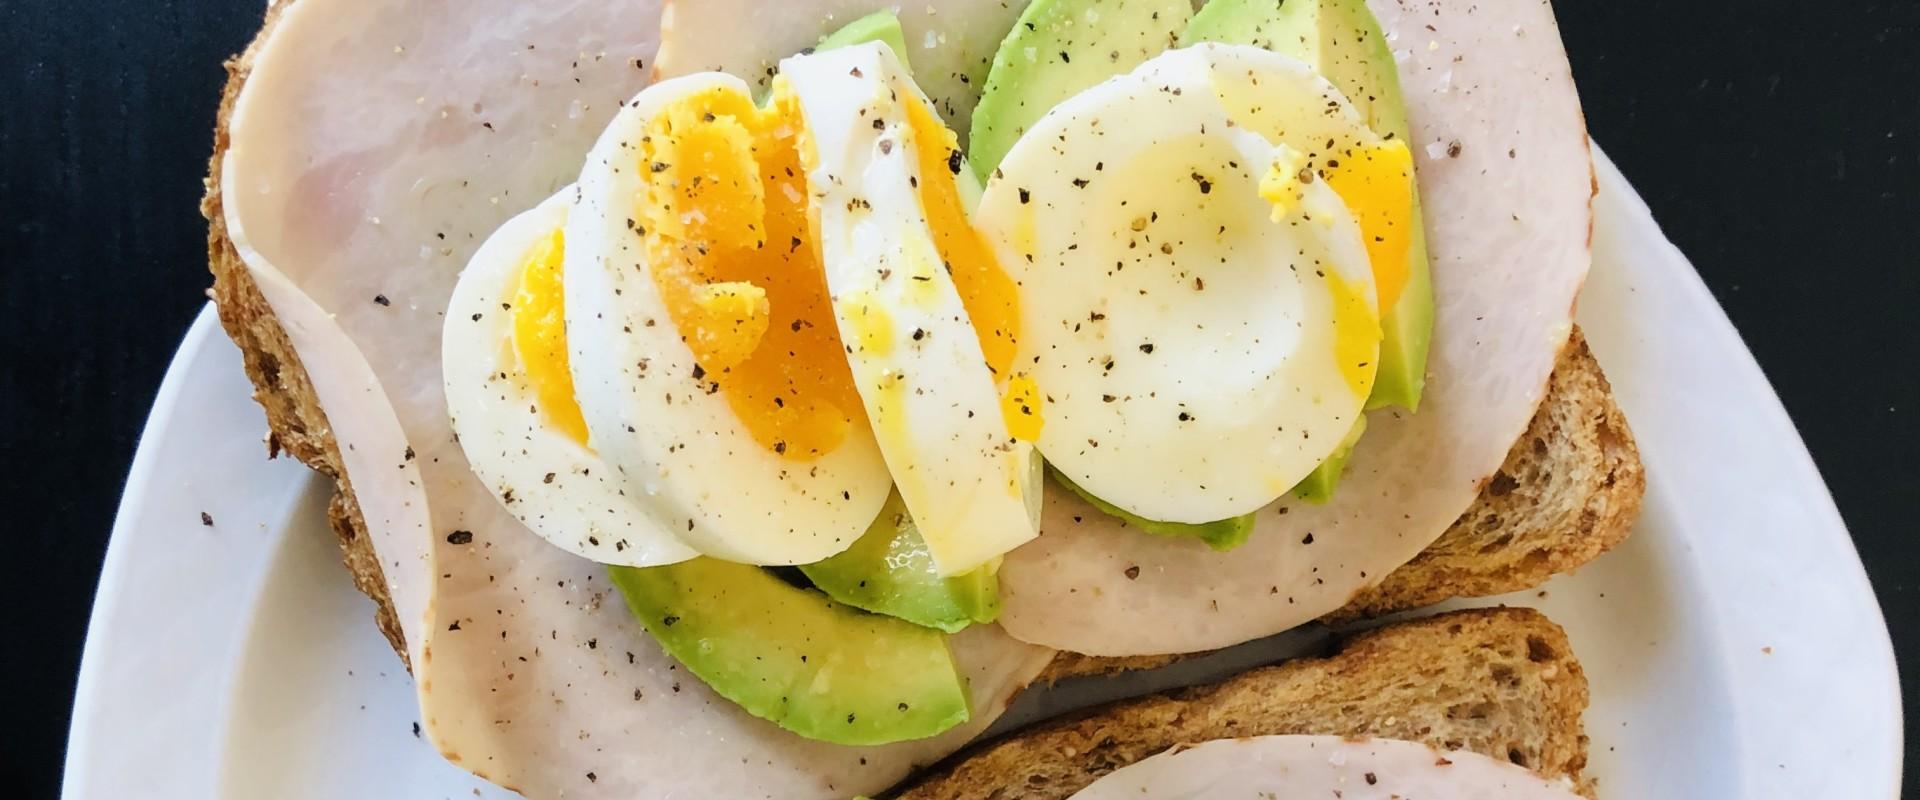 Eiwitten zijn de belangrijkste voedingsstof om juist te hebben